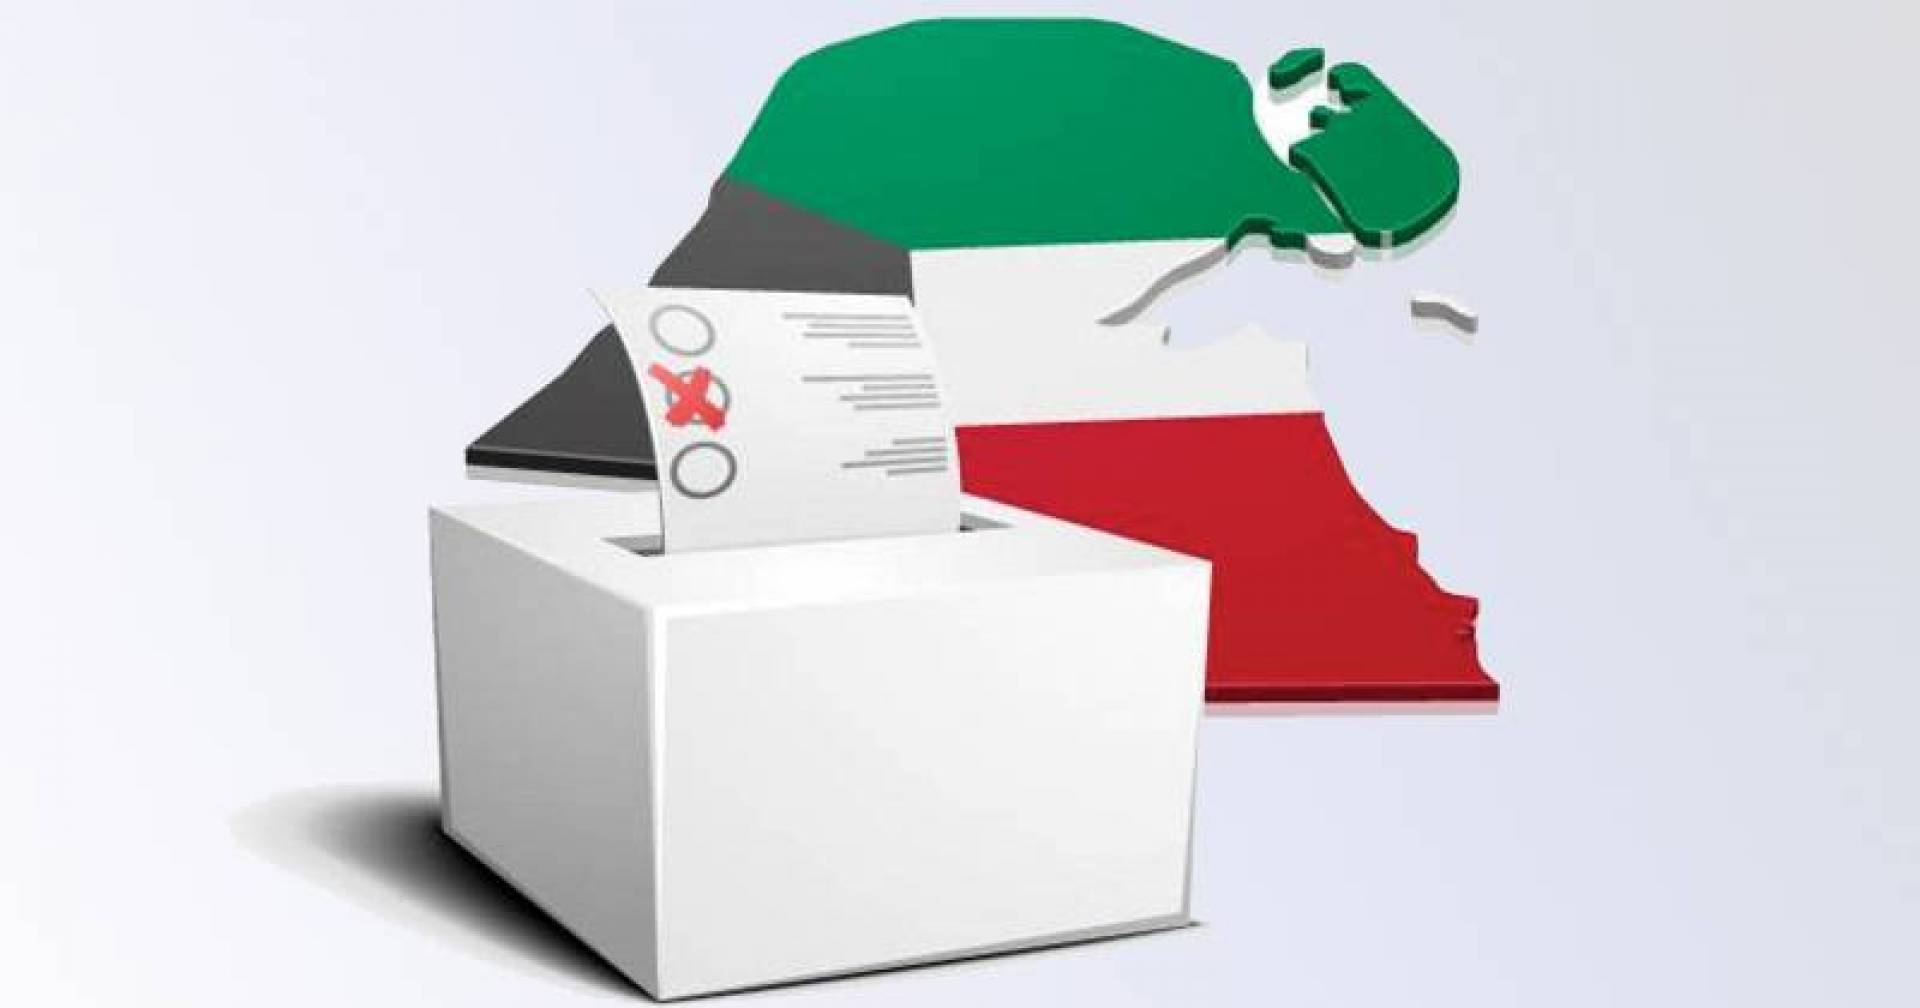 الملتقى الوطني للإصلاح: معالجة جذرية لانحرافات العملية الانتخابية